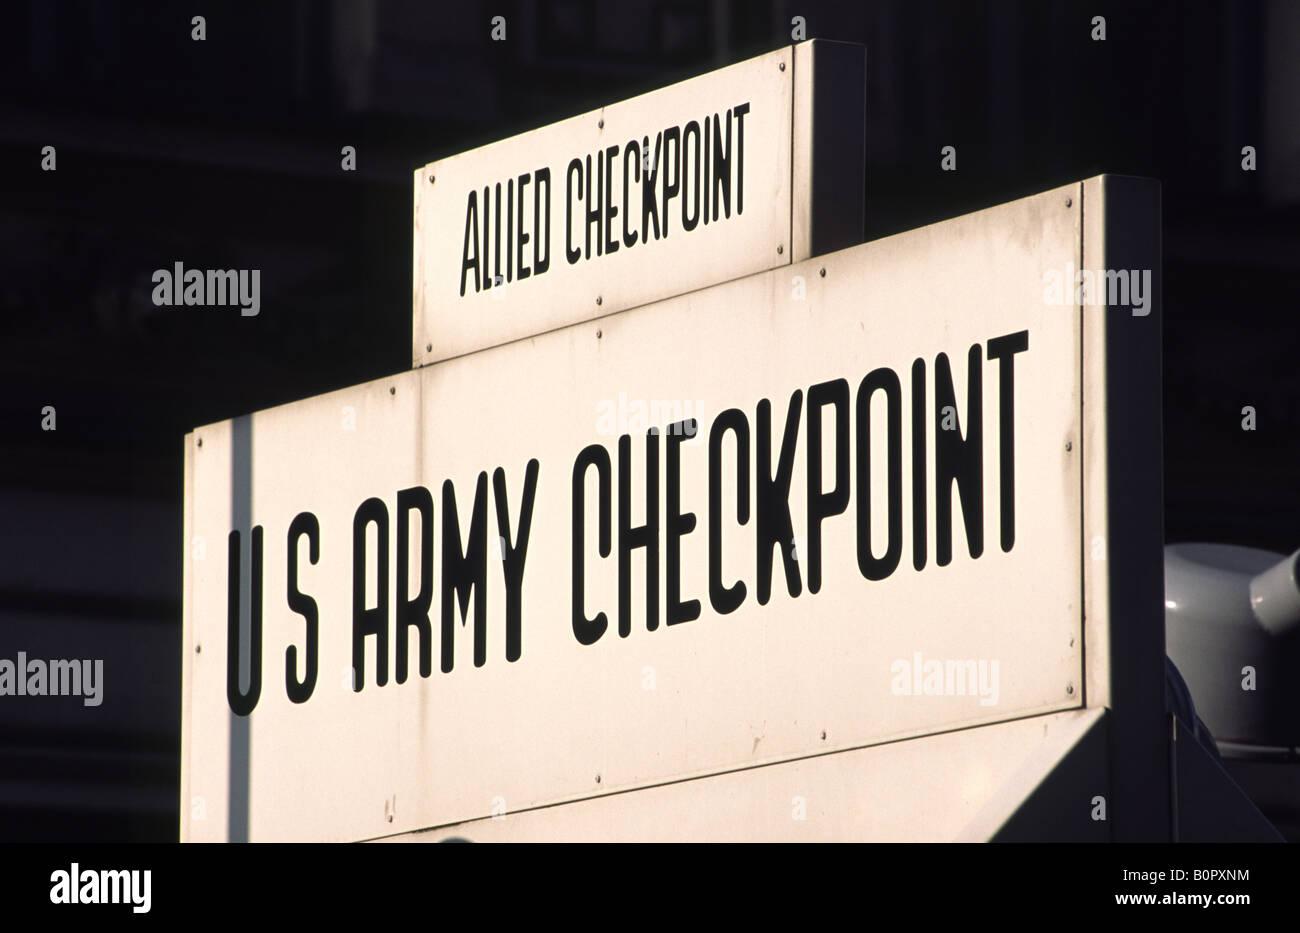 El Checkpoint Charlie, la guerra fría este-oeste que cruza la frontera. Berlín, Alemania. Imagen De Stock